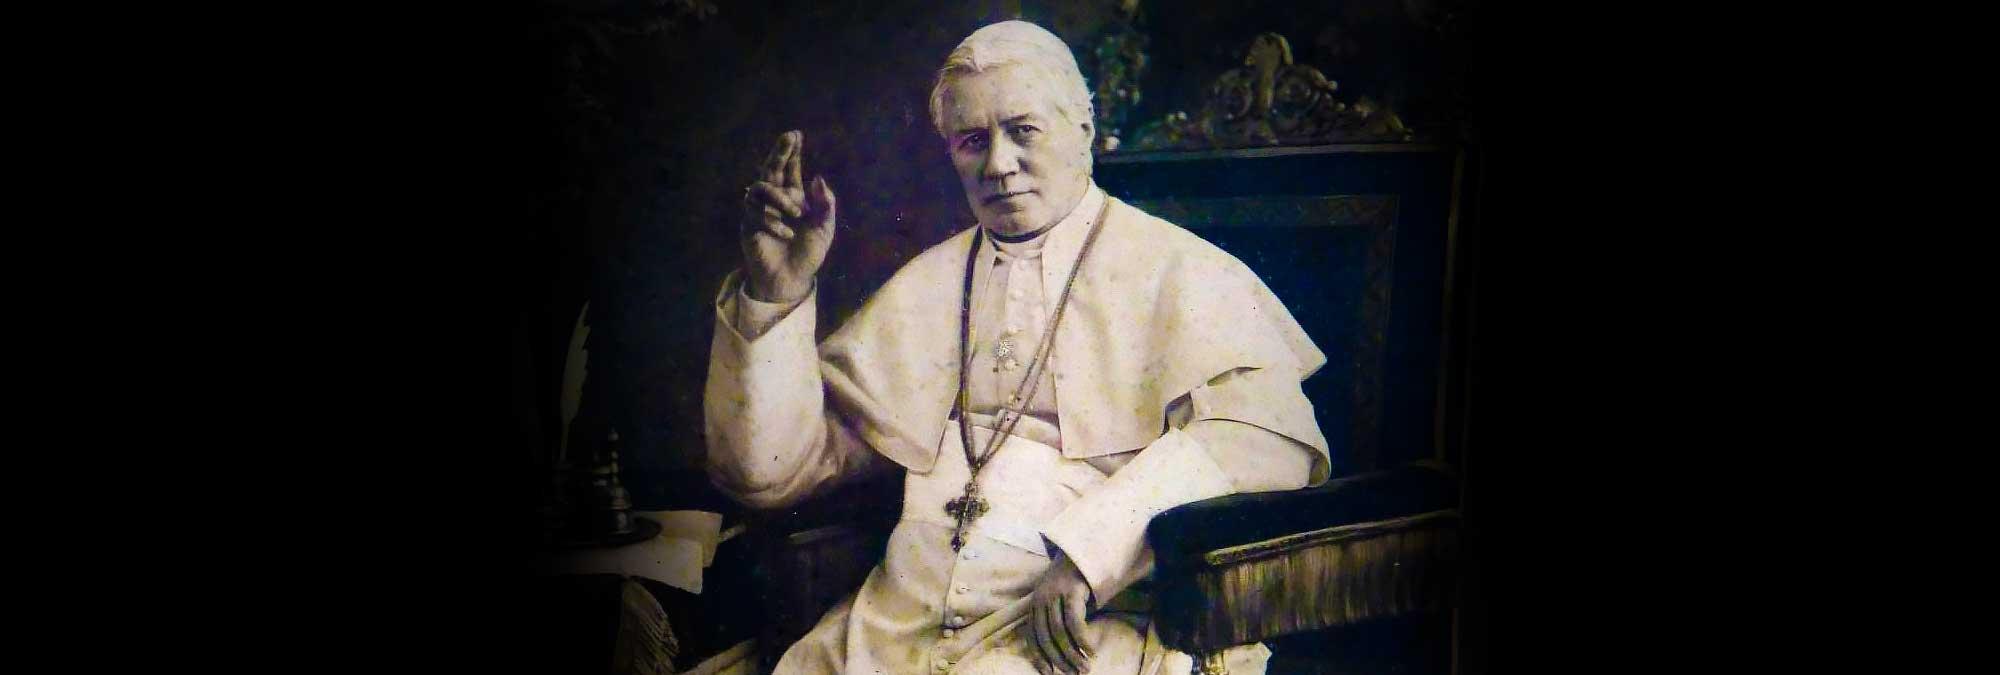 Ato de Abandono de São Pio X